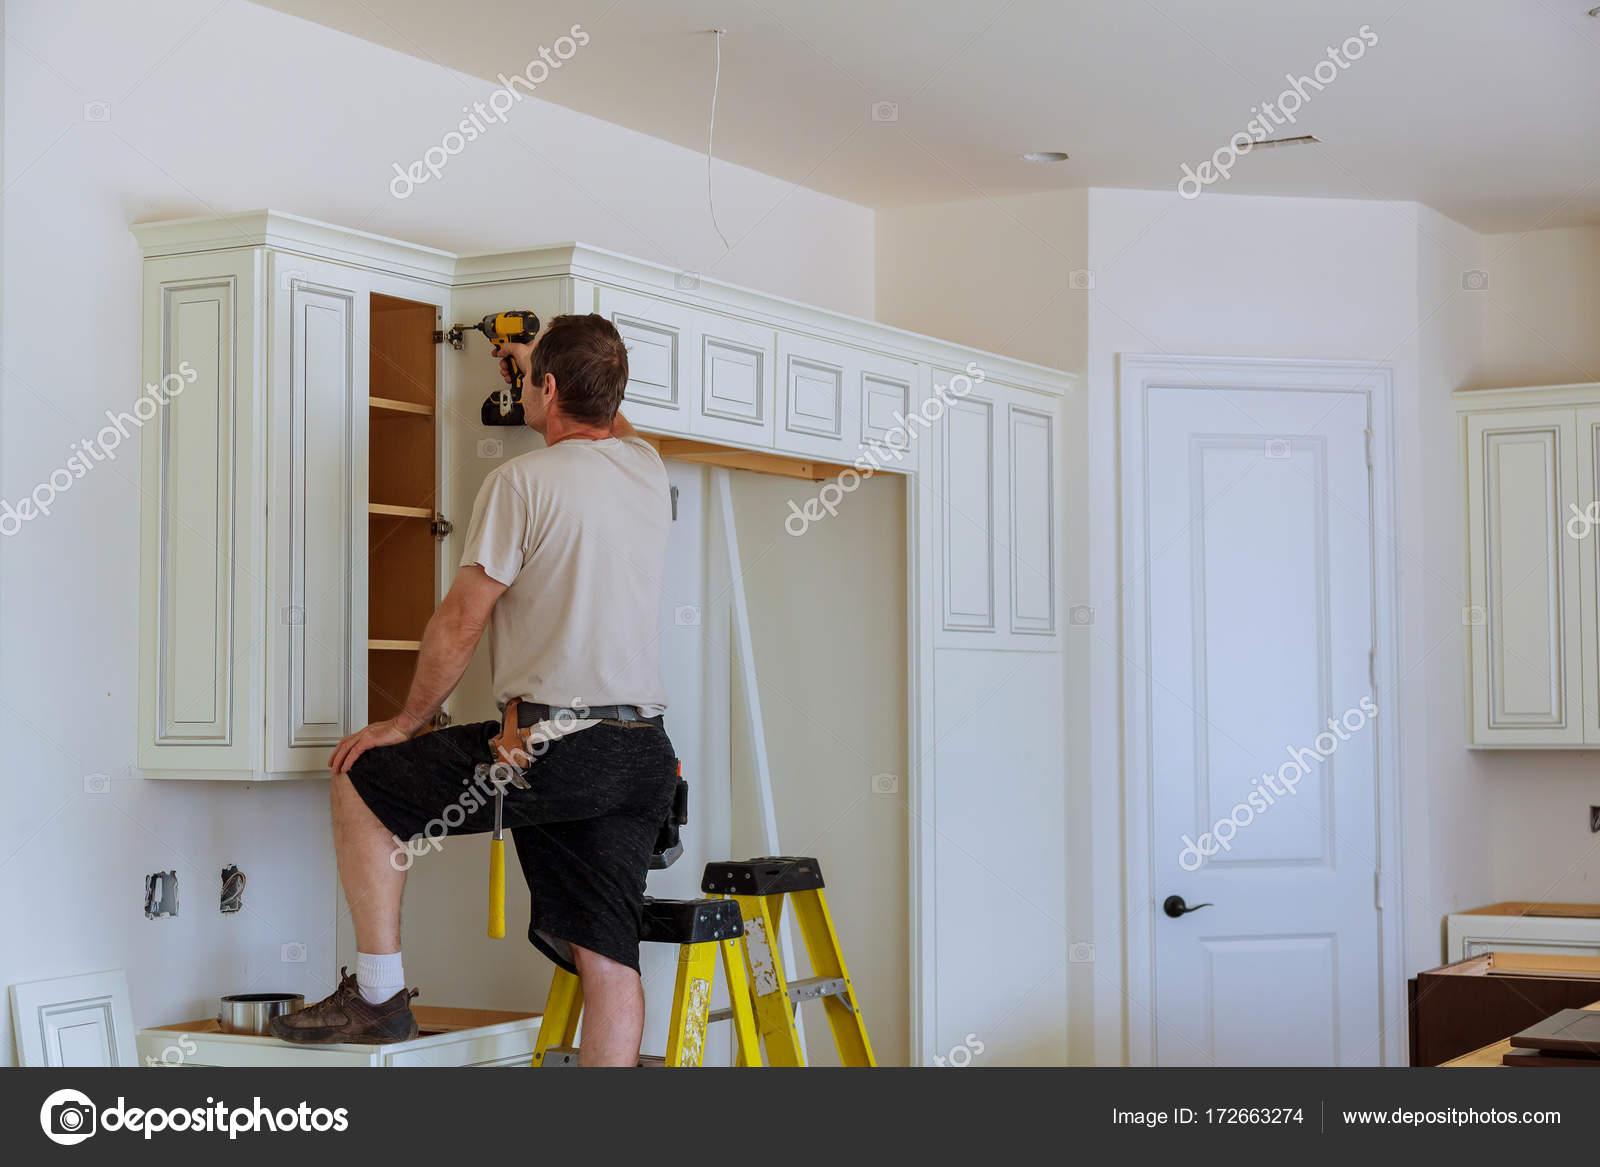 Installazione di porte su mobili da cucina — Foto Stock © photovs ...